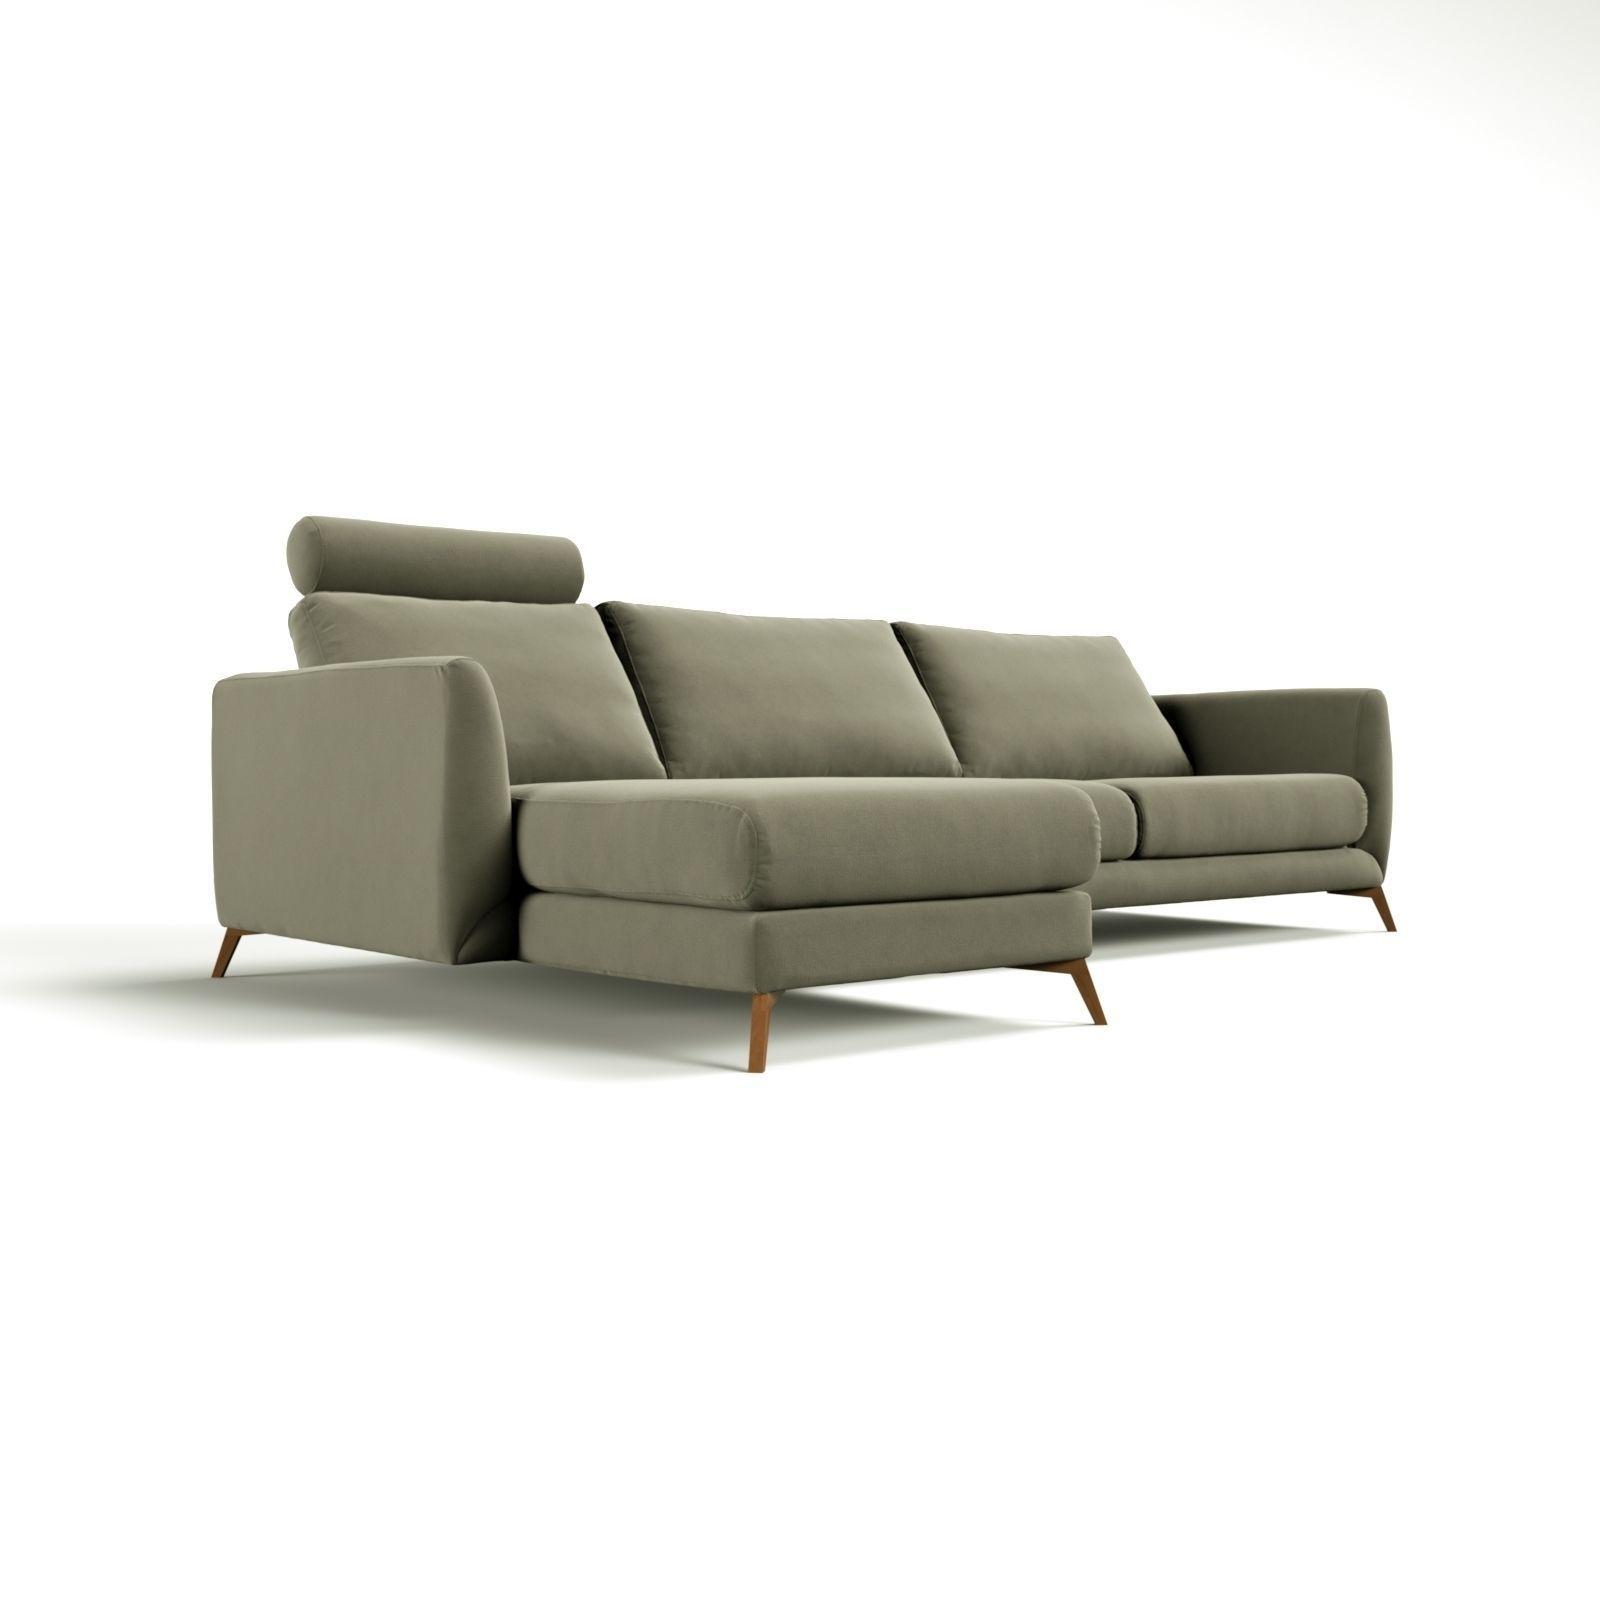 BoConcept Fargo Sofa 3D CGTrader